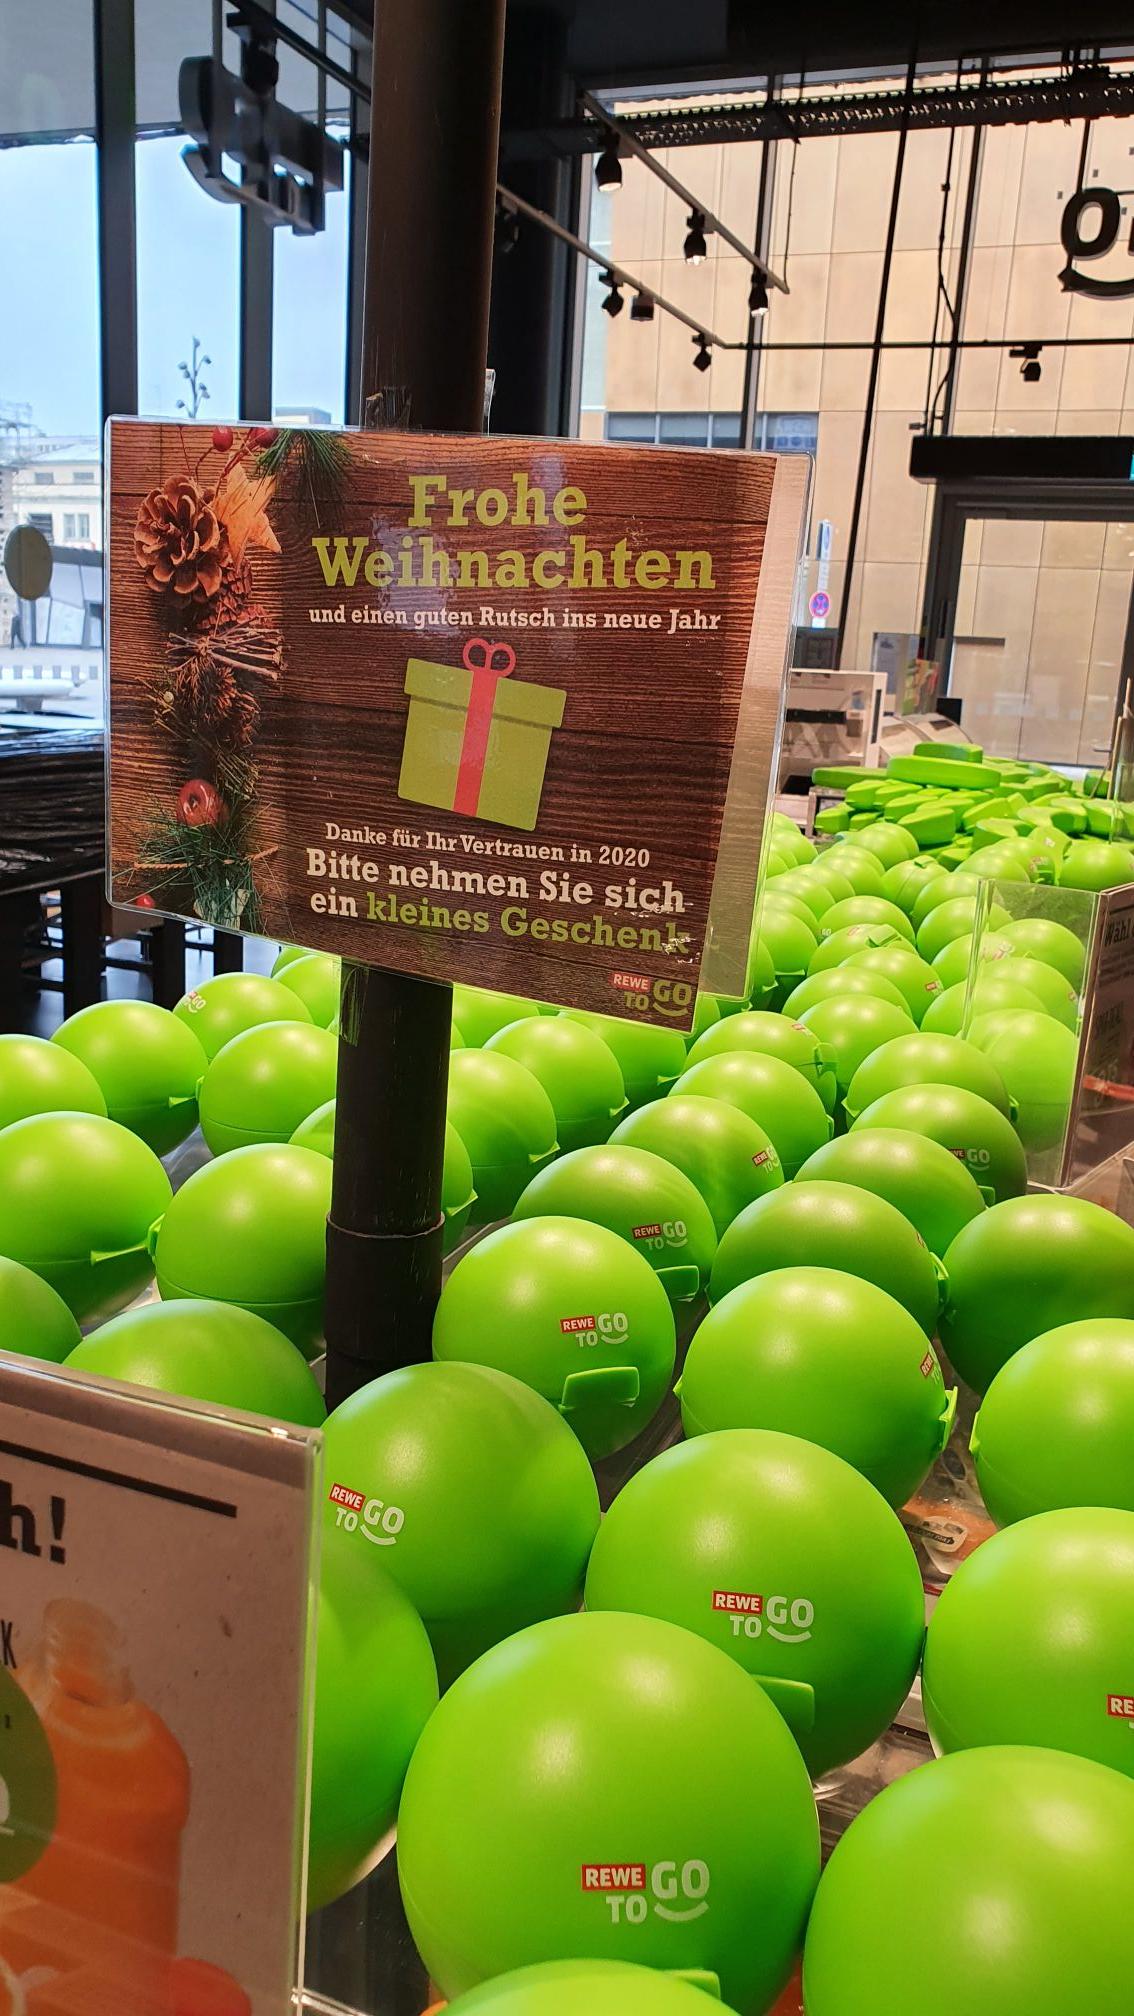 Freebie - Kostenlose Boxen / Brotdosen bei Rewe to Go